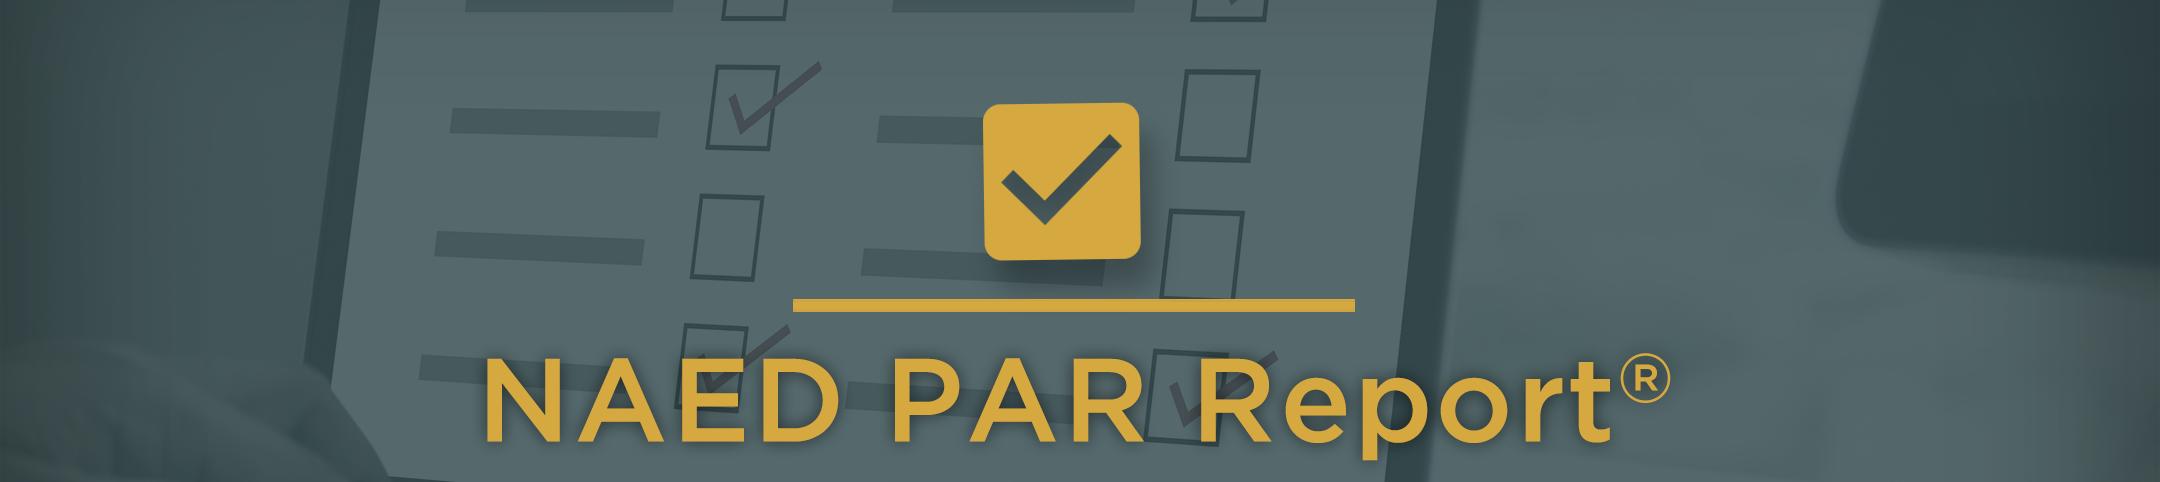 PAR-Survey-Header-029520-edited.png